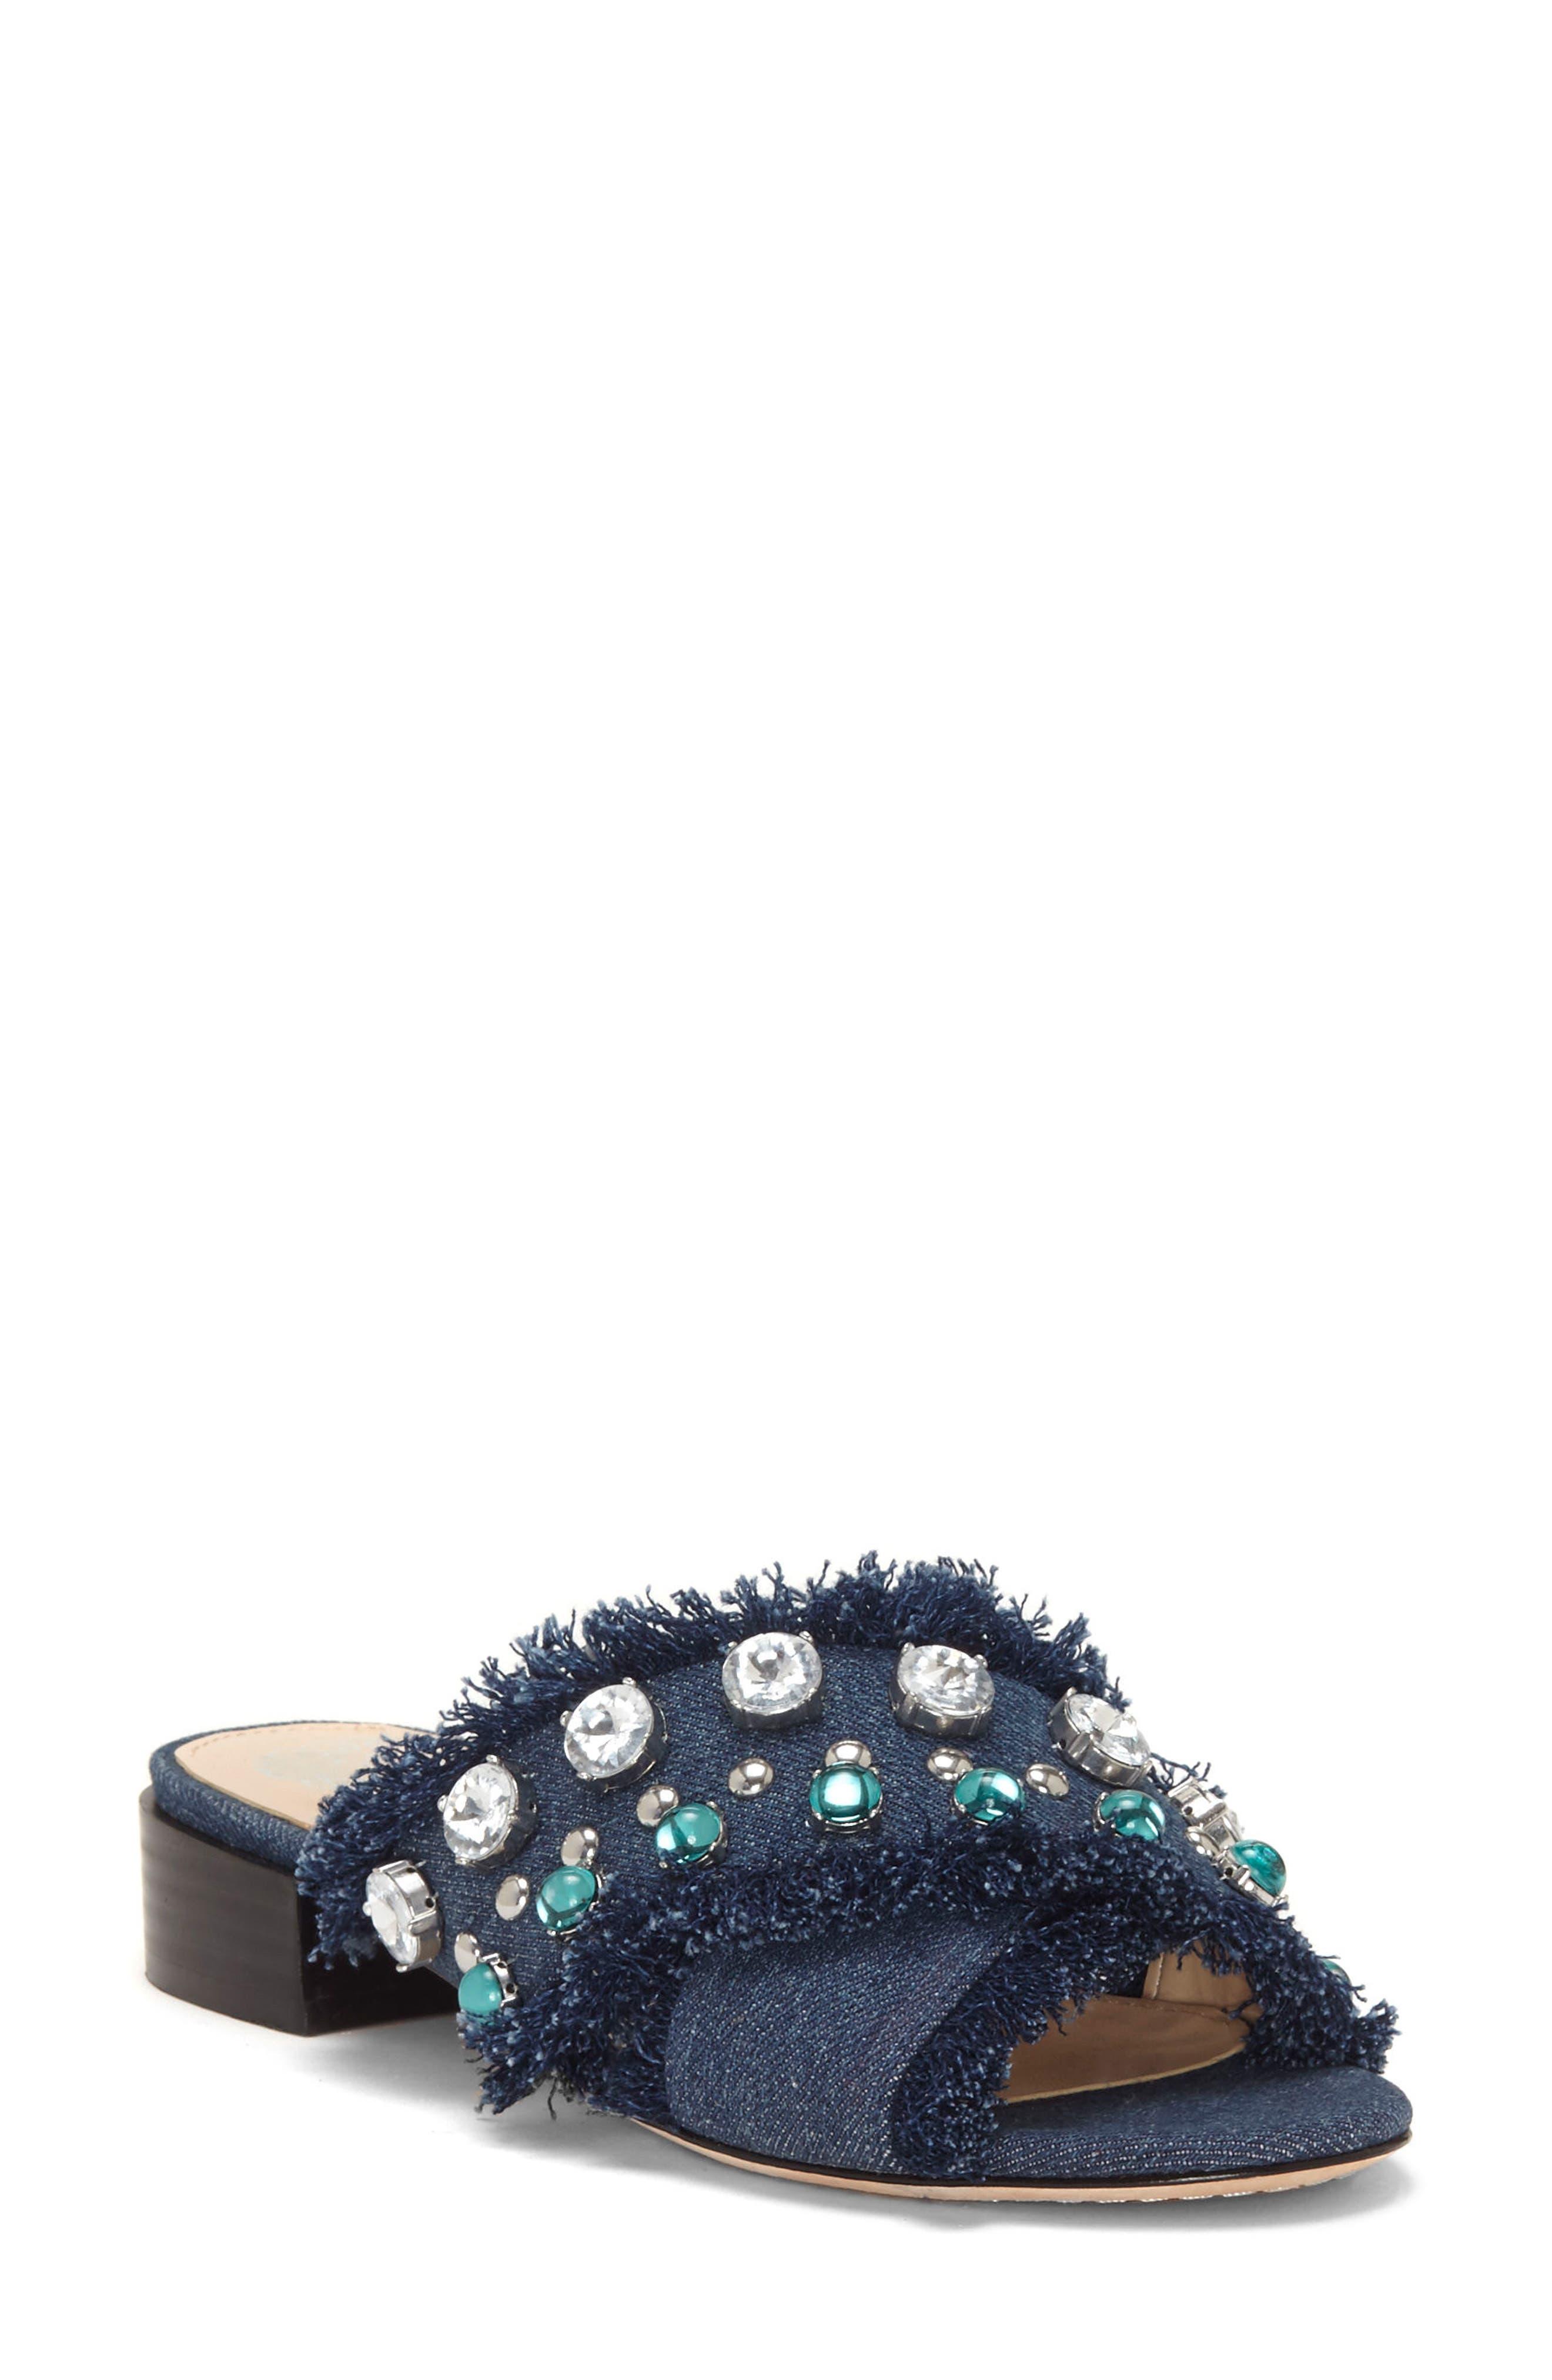 Noritta Slide Sandal,                         Main,                         color,